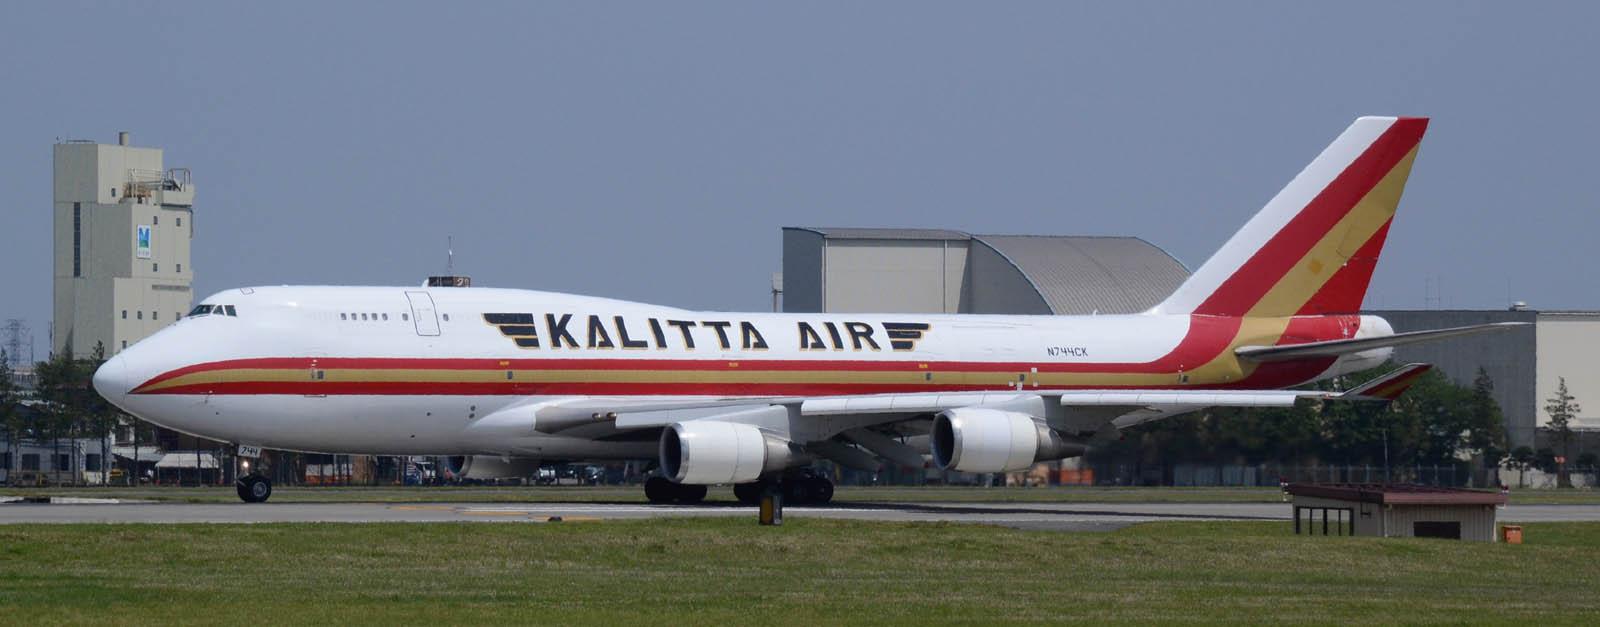 Kalitta130518g634